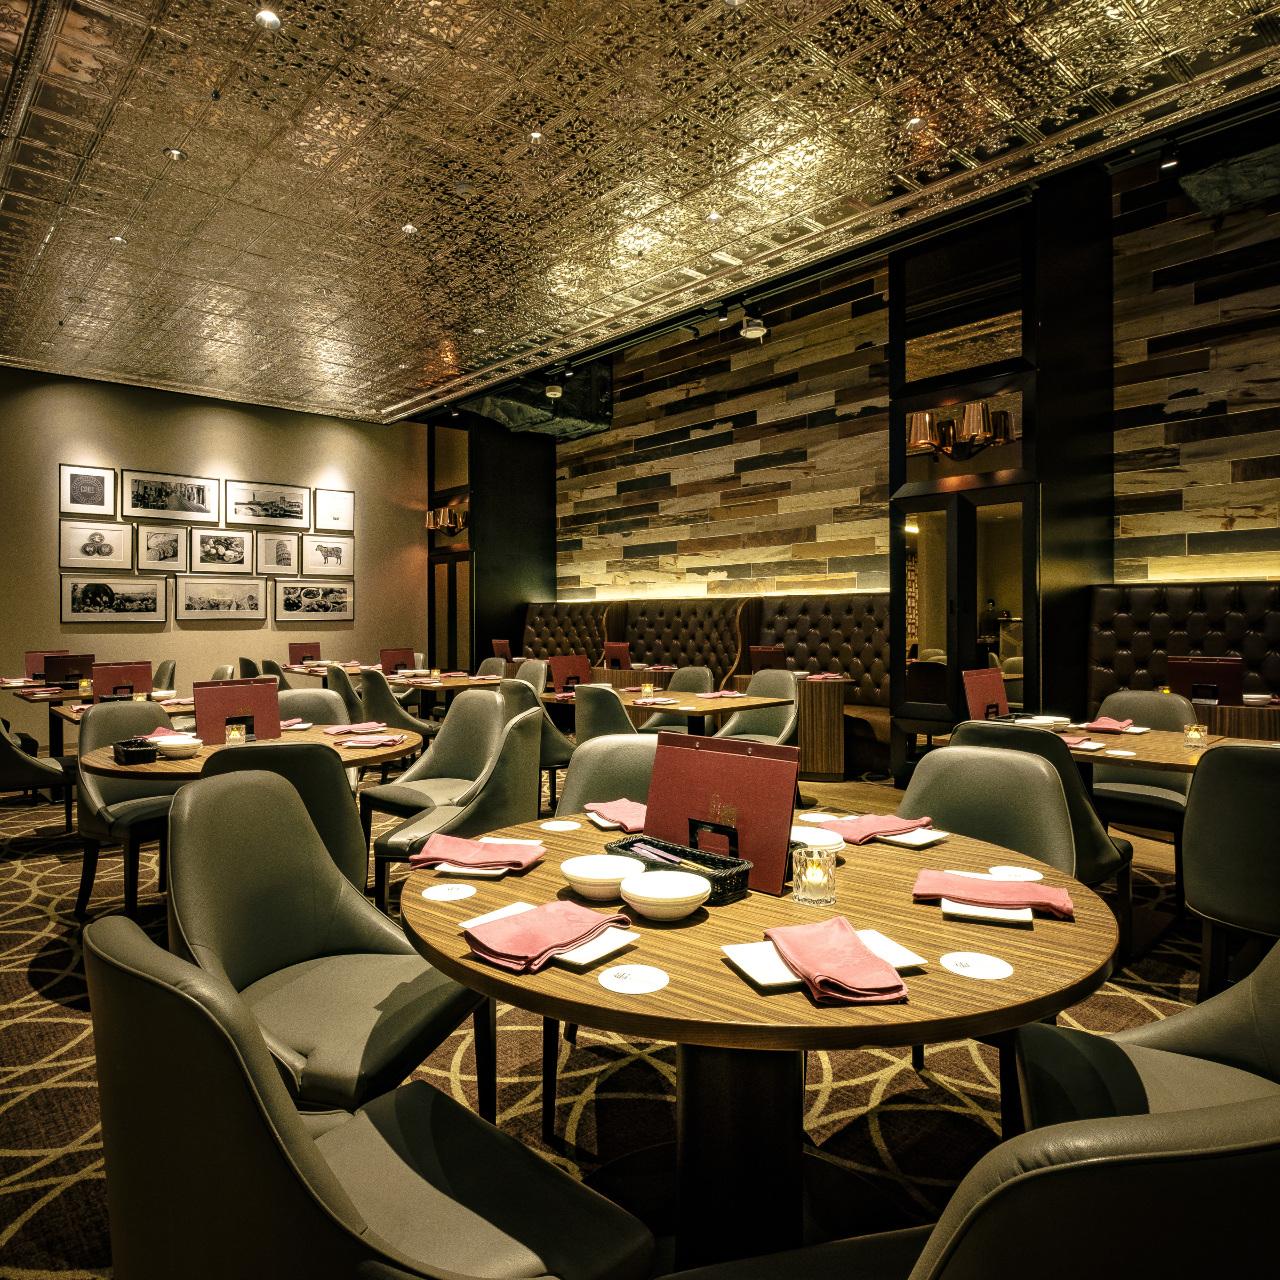 ステーキ&イタリアン グリアンテ新宿 Steak&Italian Grianteのイメージ写真